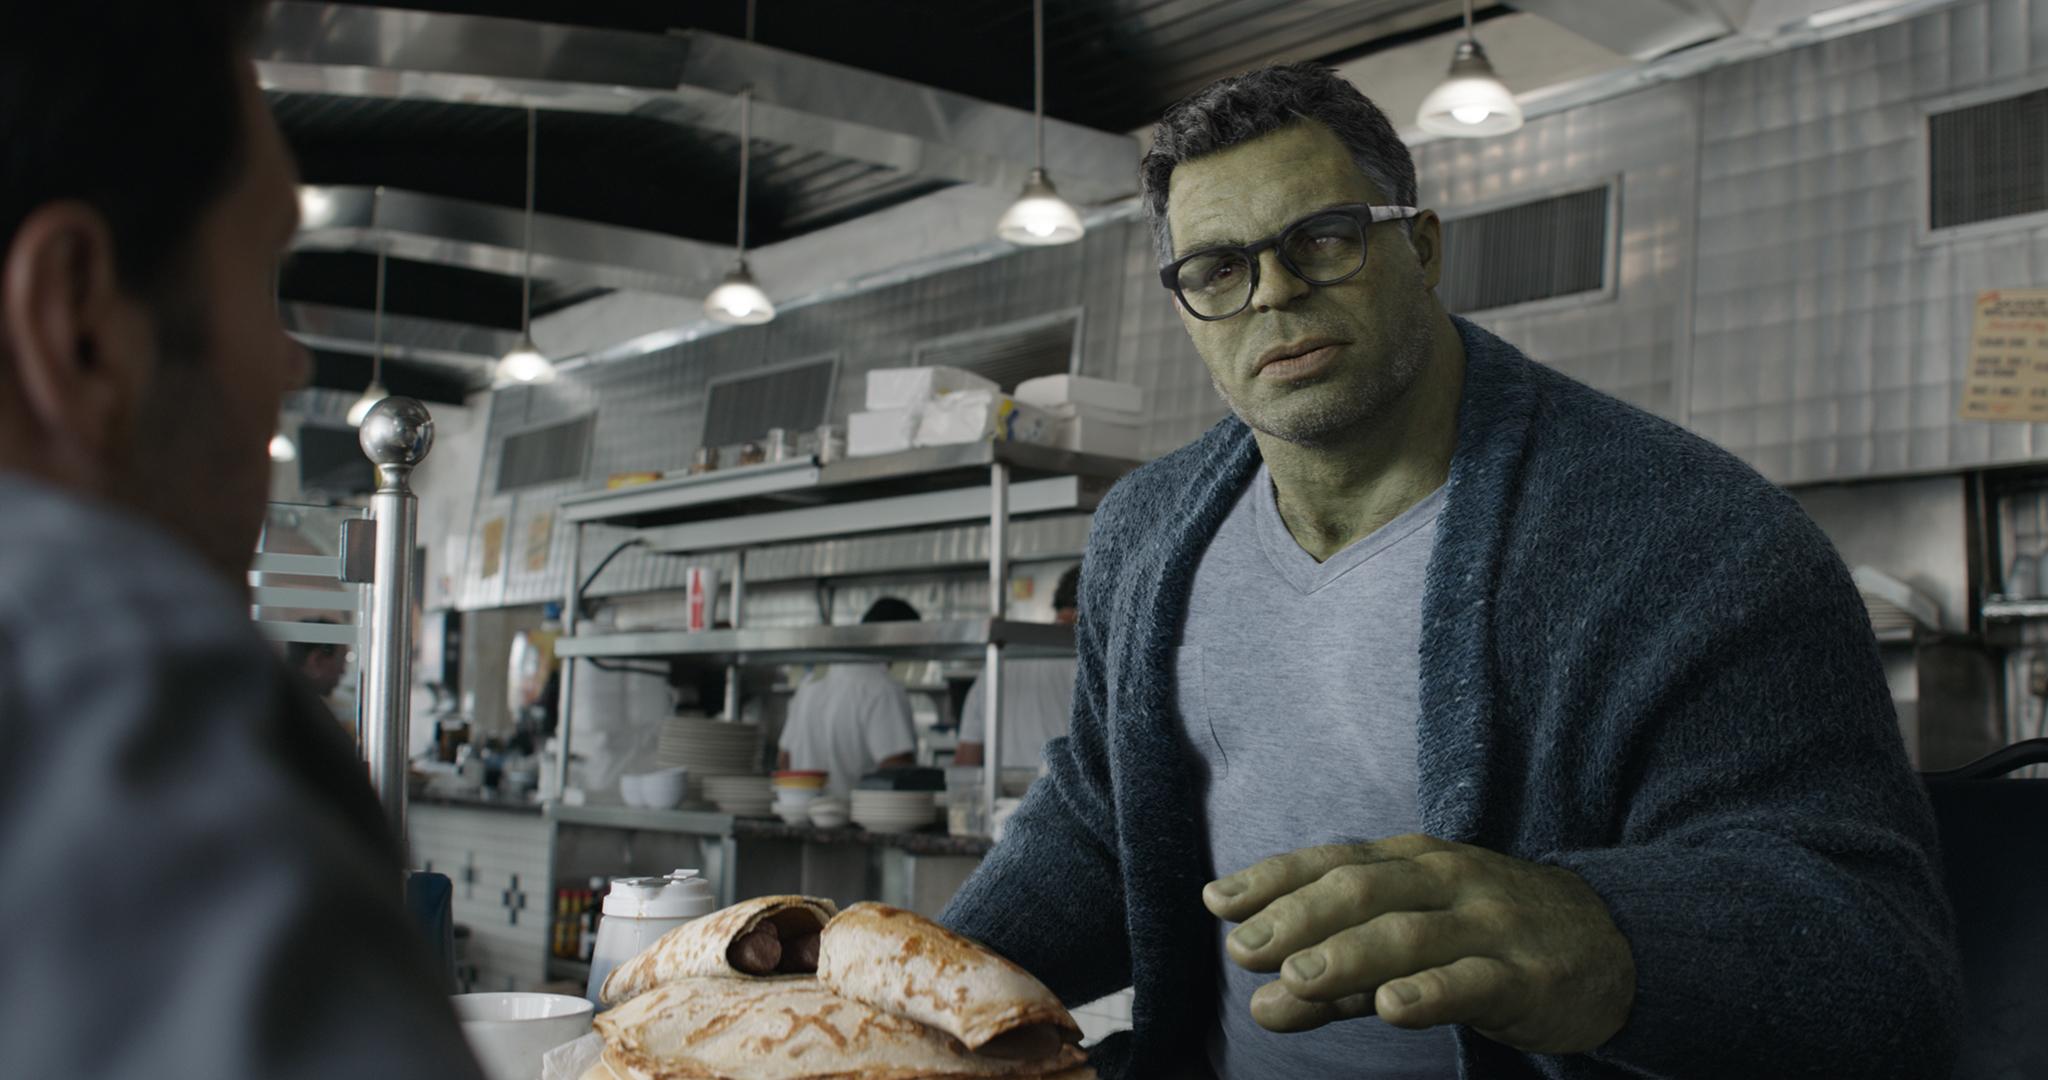 Avengers: Endgame's take on the Hulk, explained